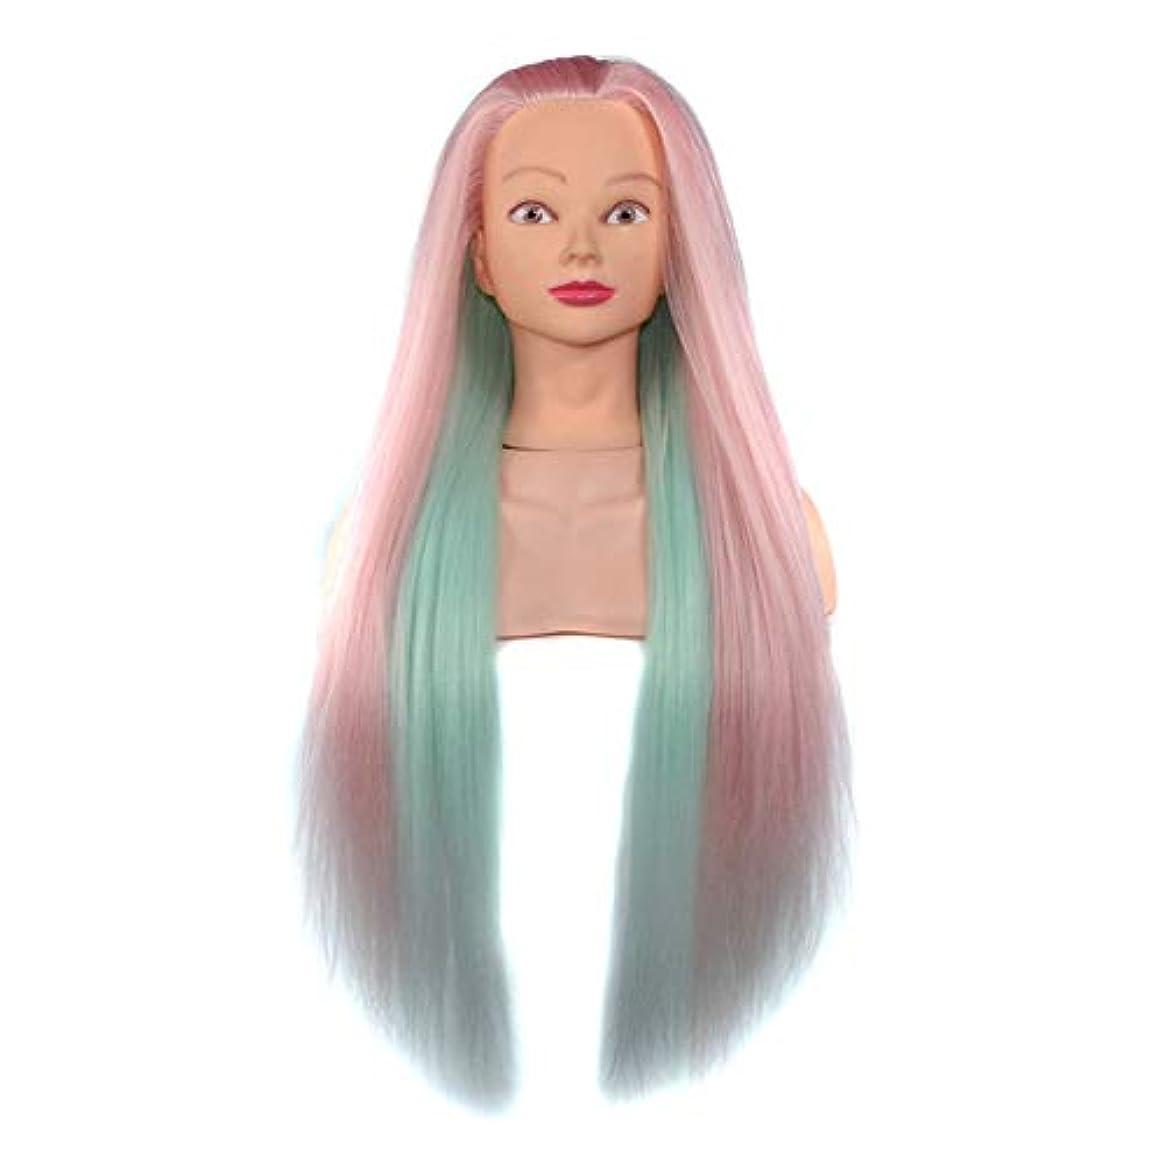 かなりの倒錯スクラブヘアスタイリング練習ディスクヘア学習ヘッドモデル美容院高温ワイヤートレーニングヘッドマネキン人形ヘッド